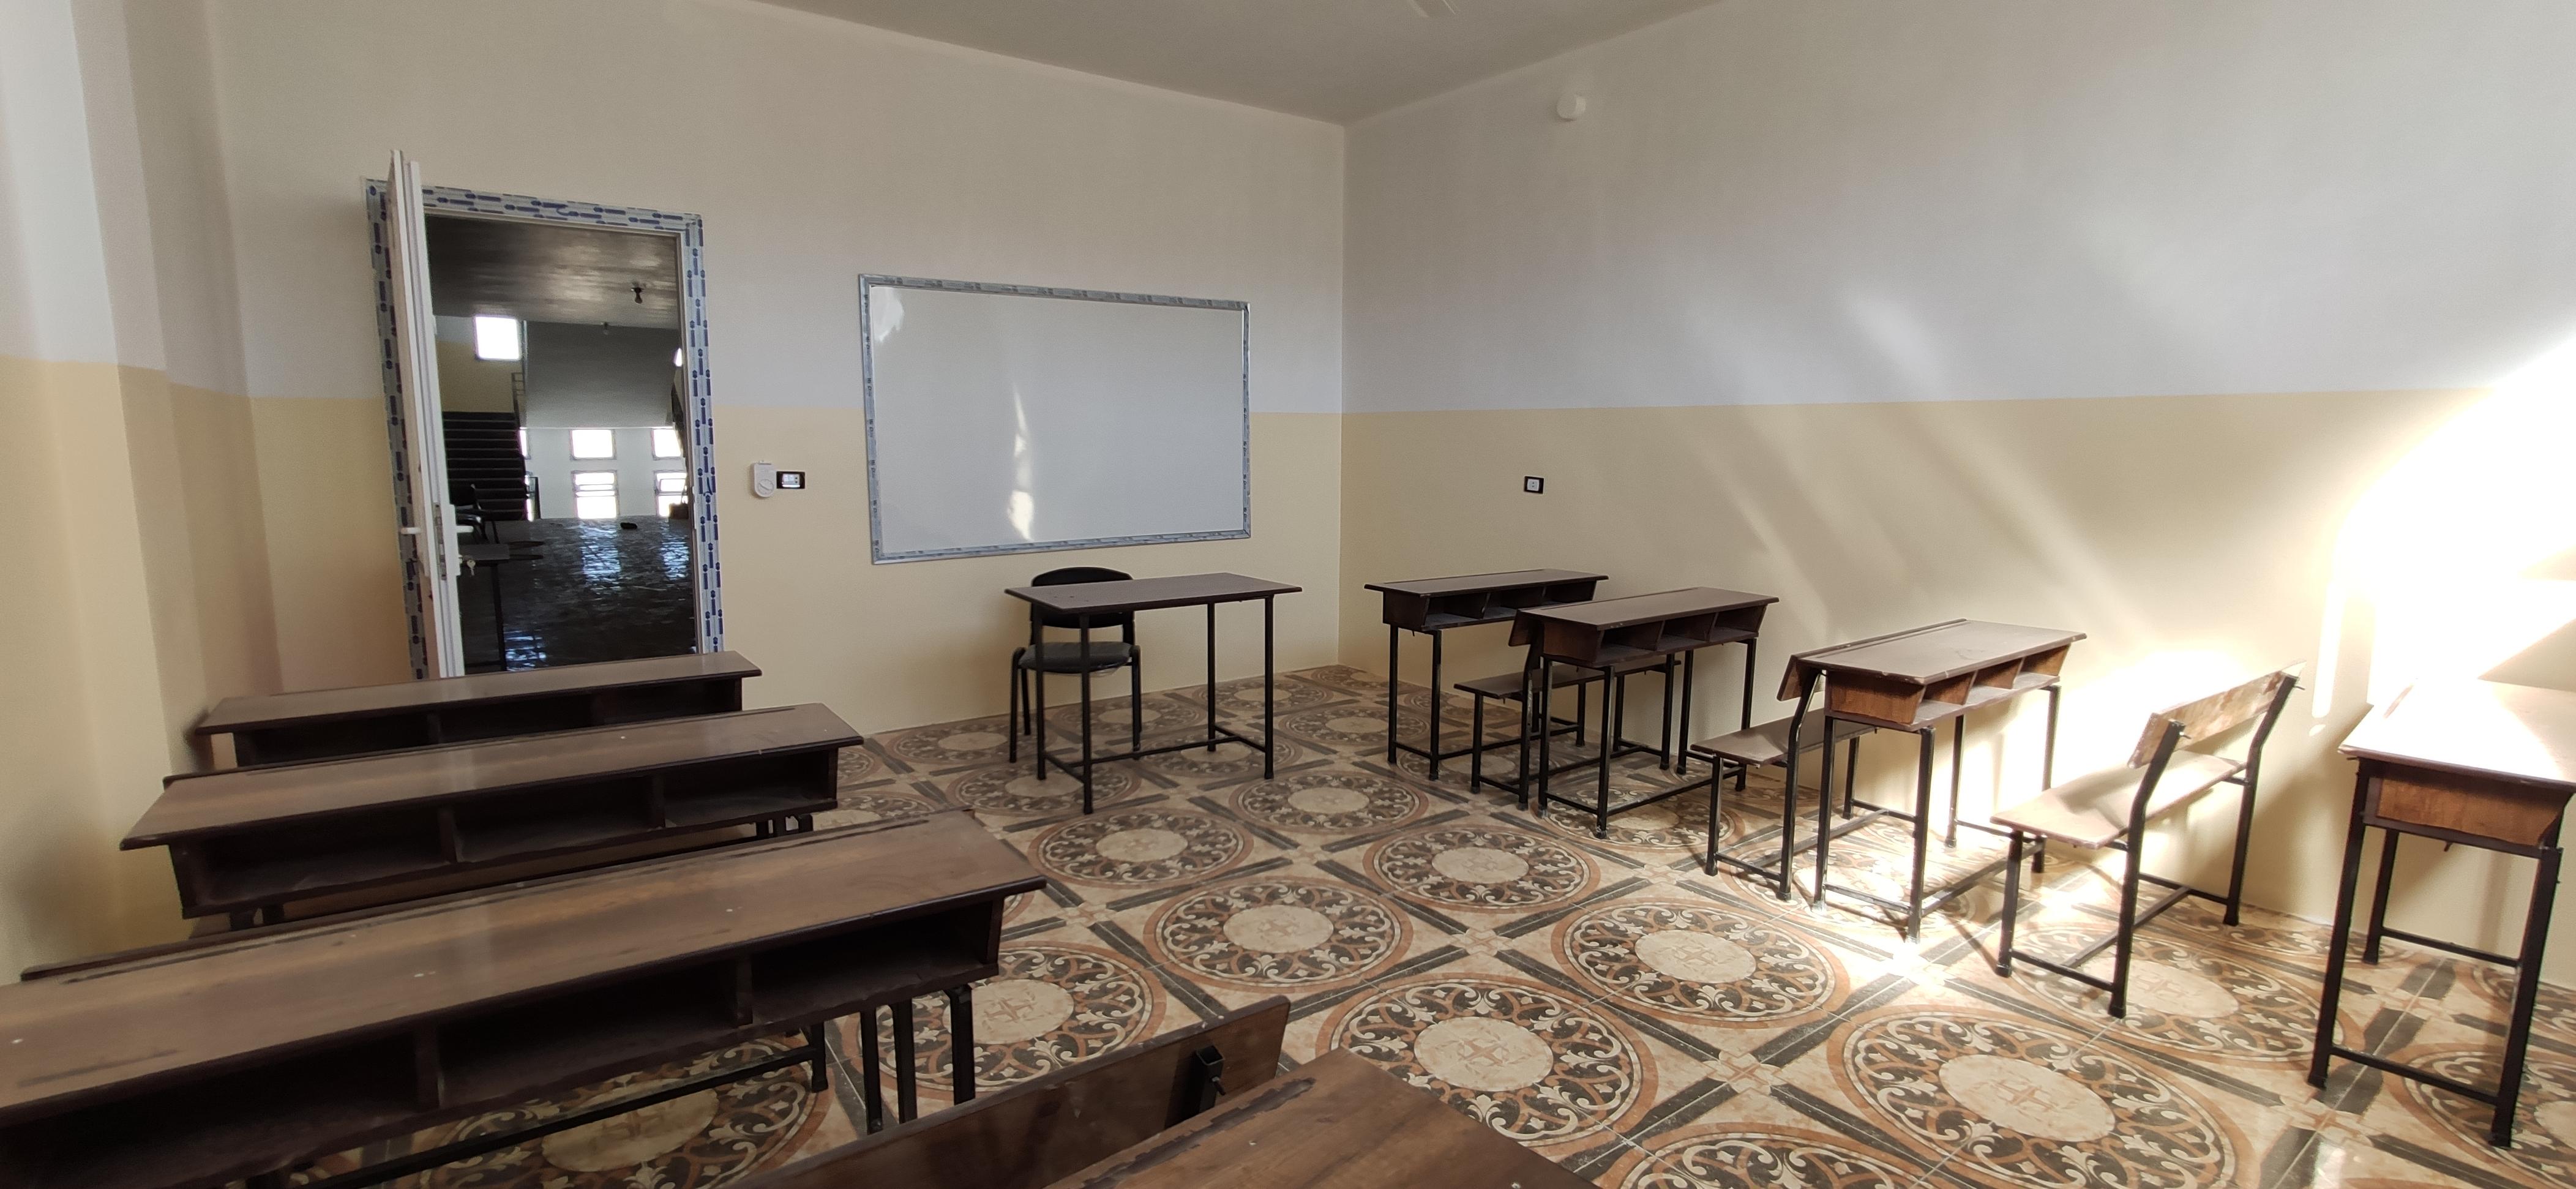 Okul Projesi İnşamız Sona Yaklaştı. - Haberler - İnsanı İnşa Derneği İİD. Uluslararası Yardım Kuruluşu